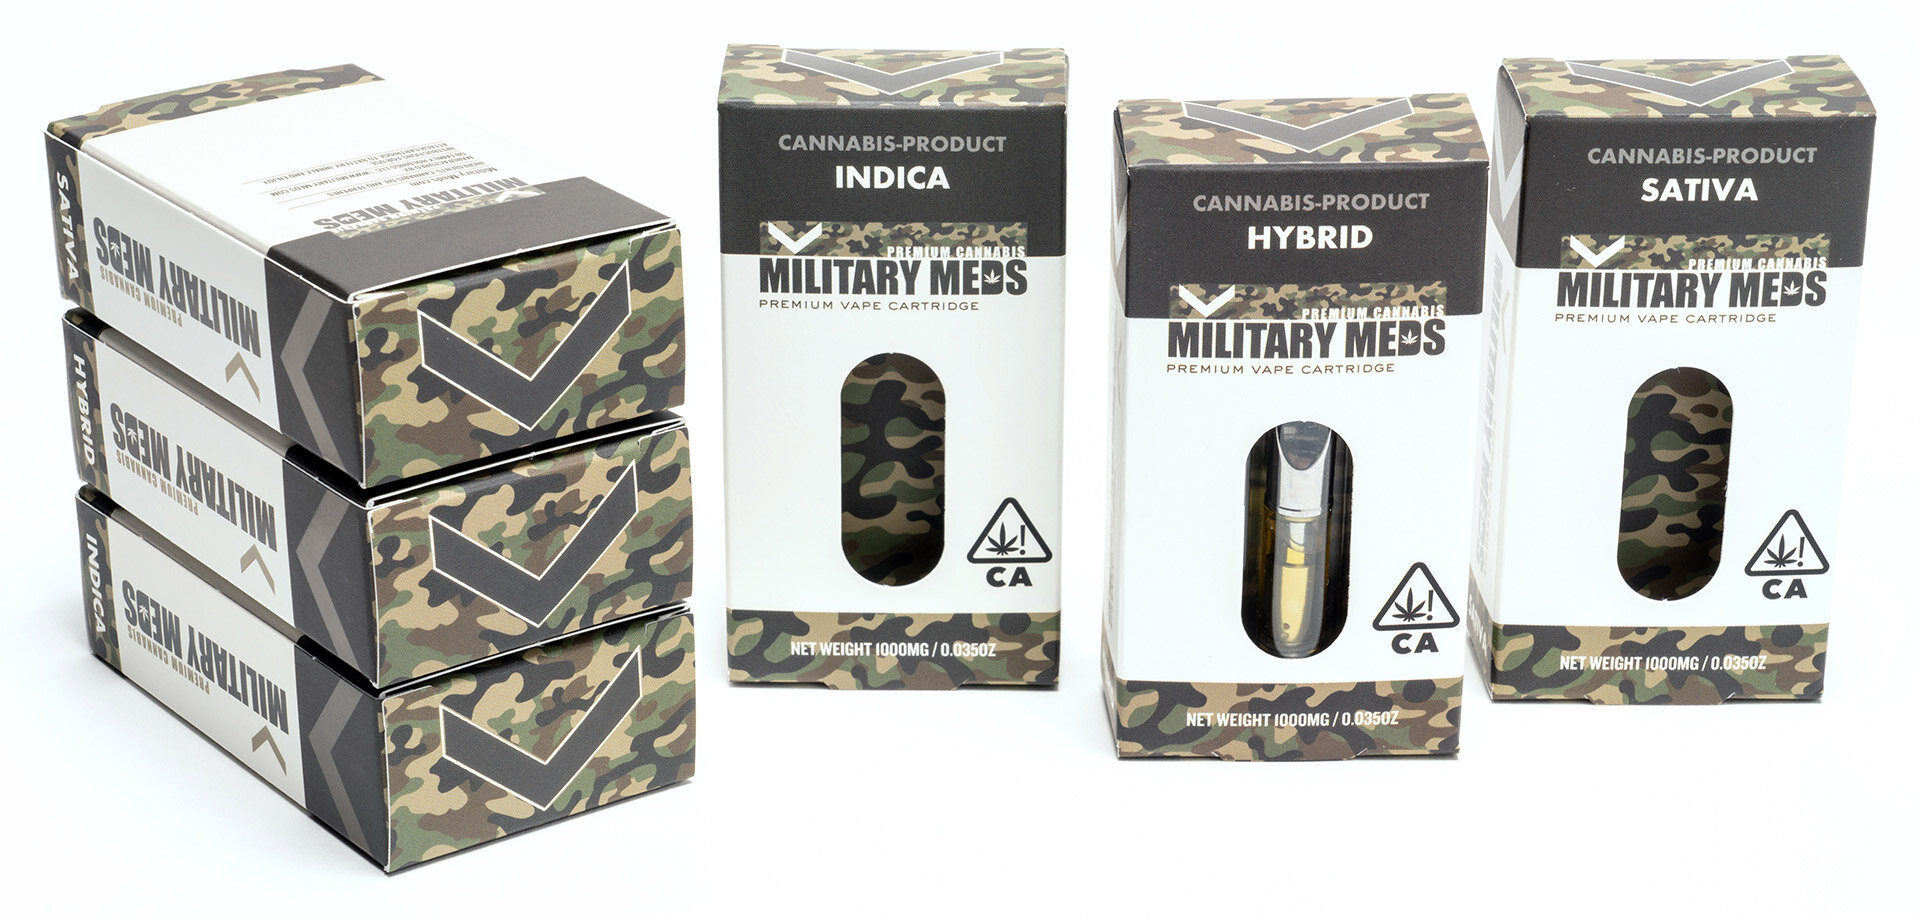 Military_meds_cannabis_brandingr.jpg